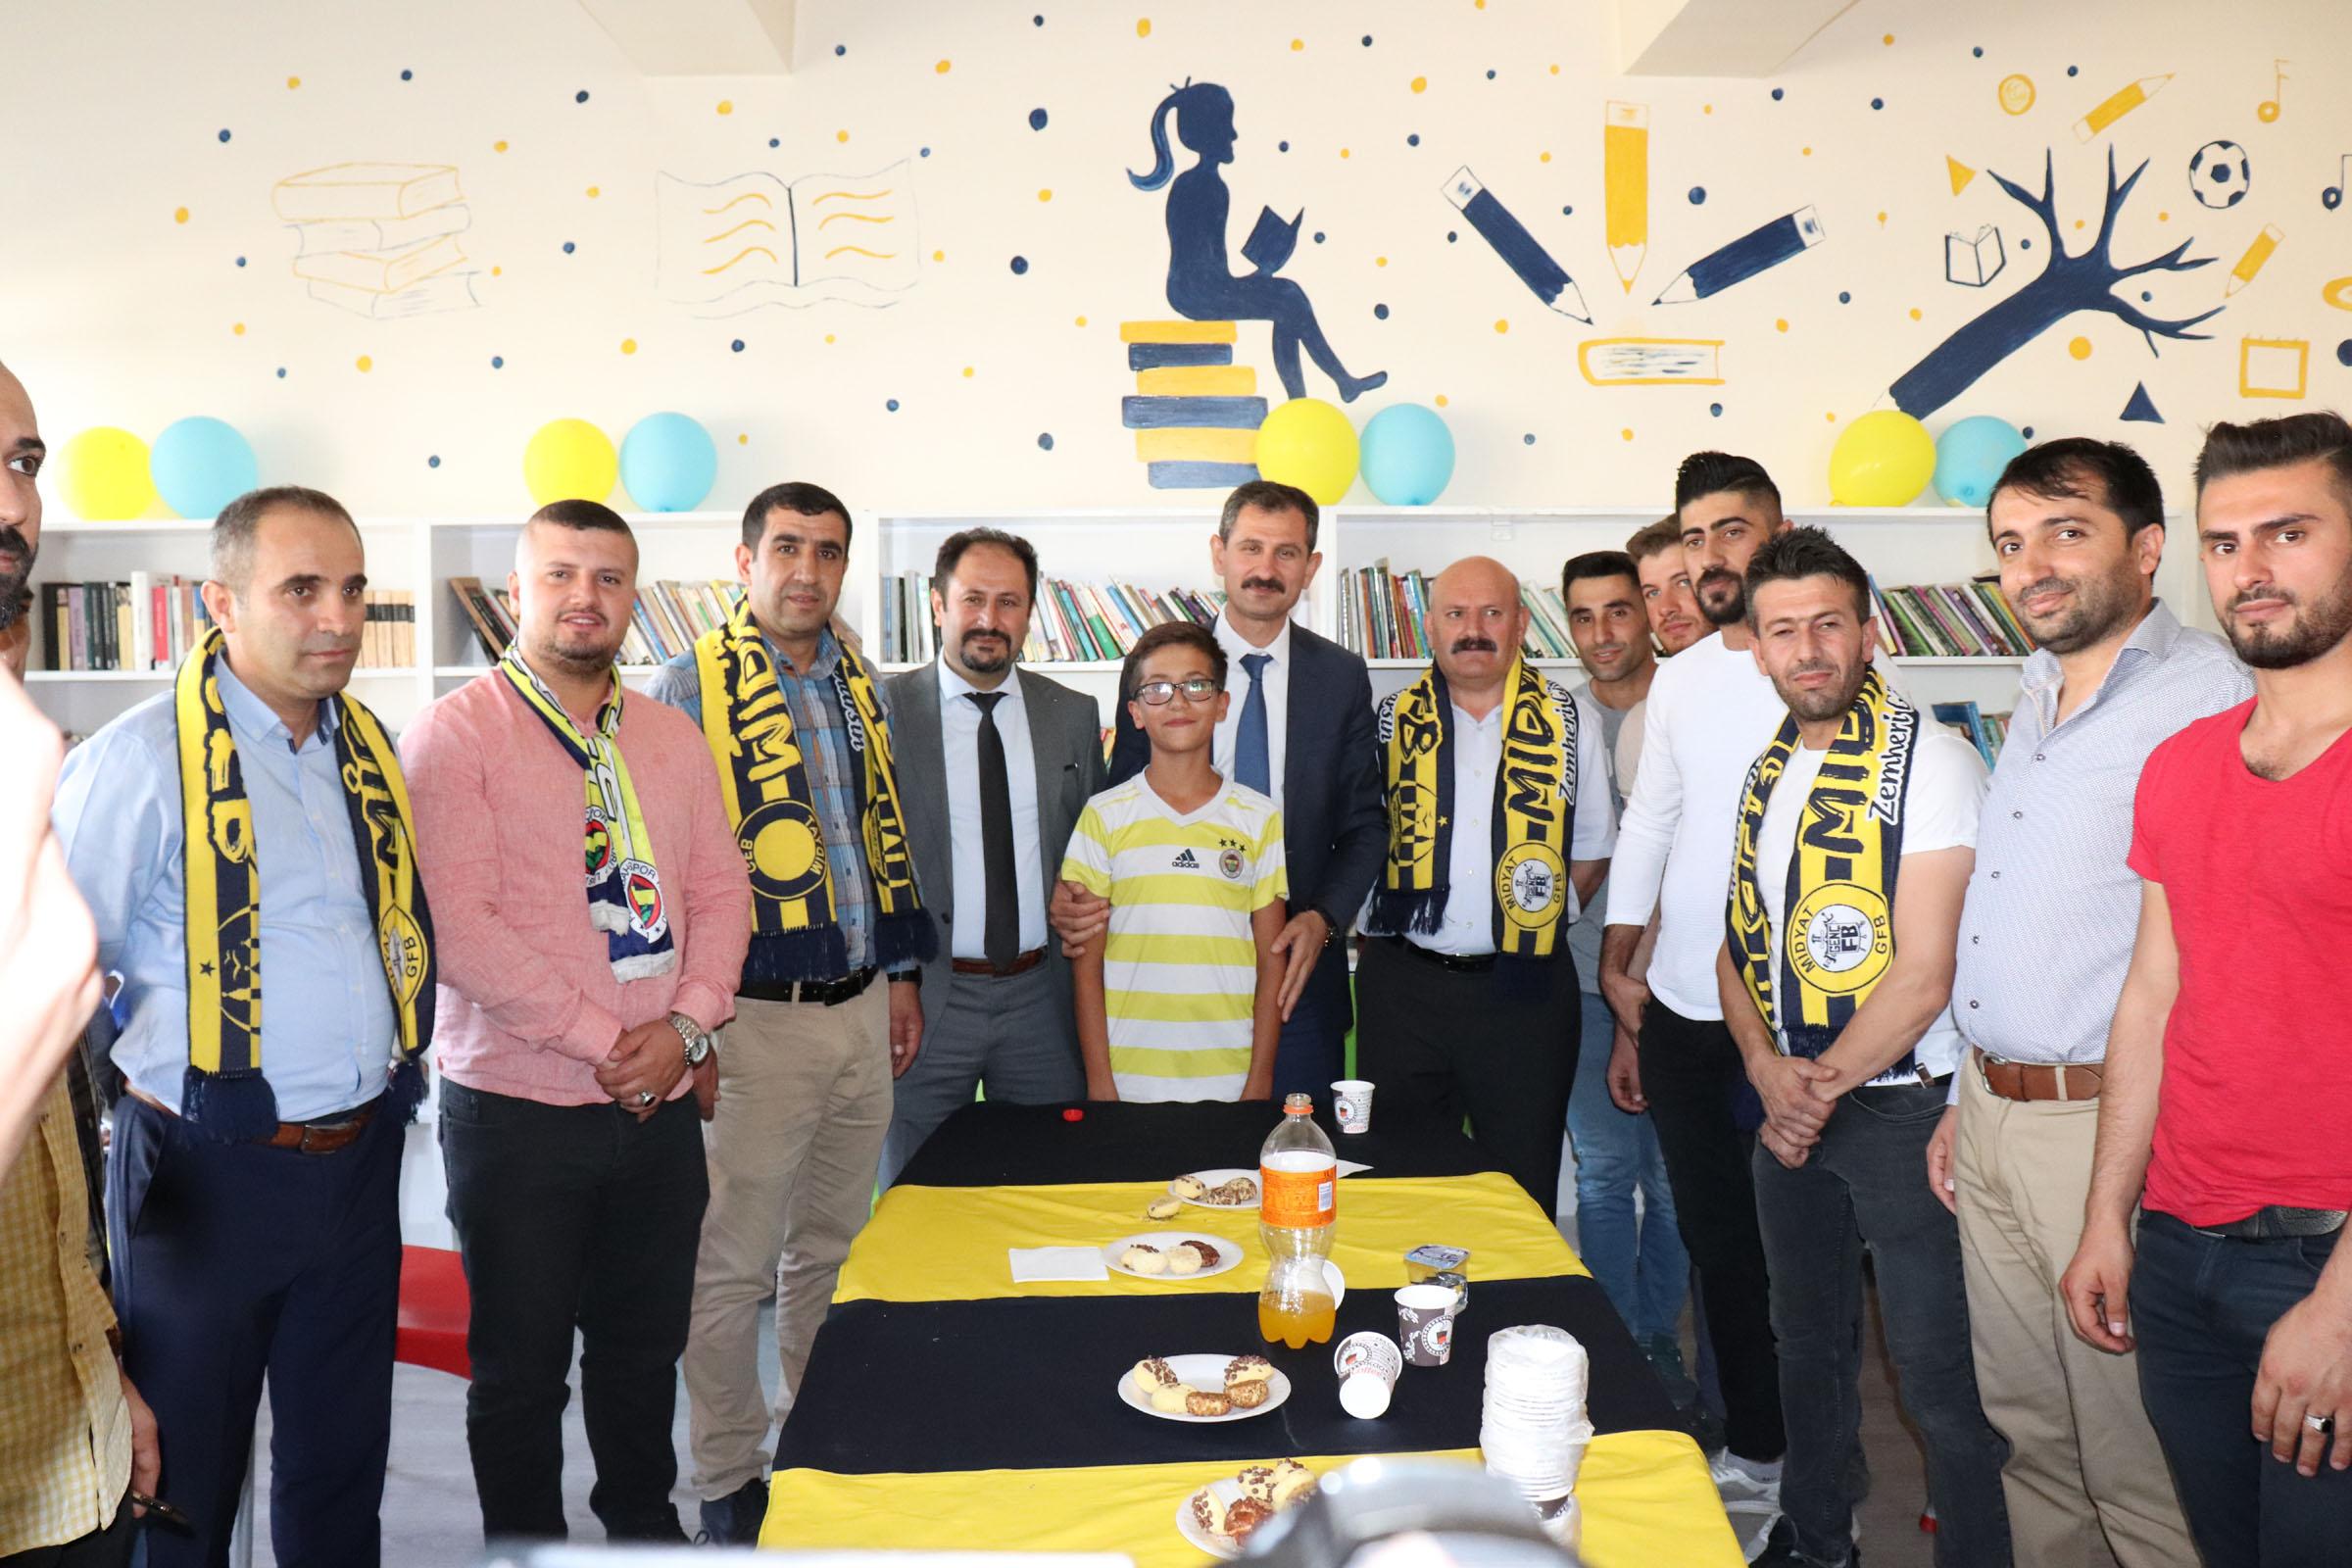 Genç Fenerbahçeliler, okula kütüphane kazandırdı